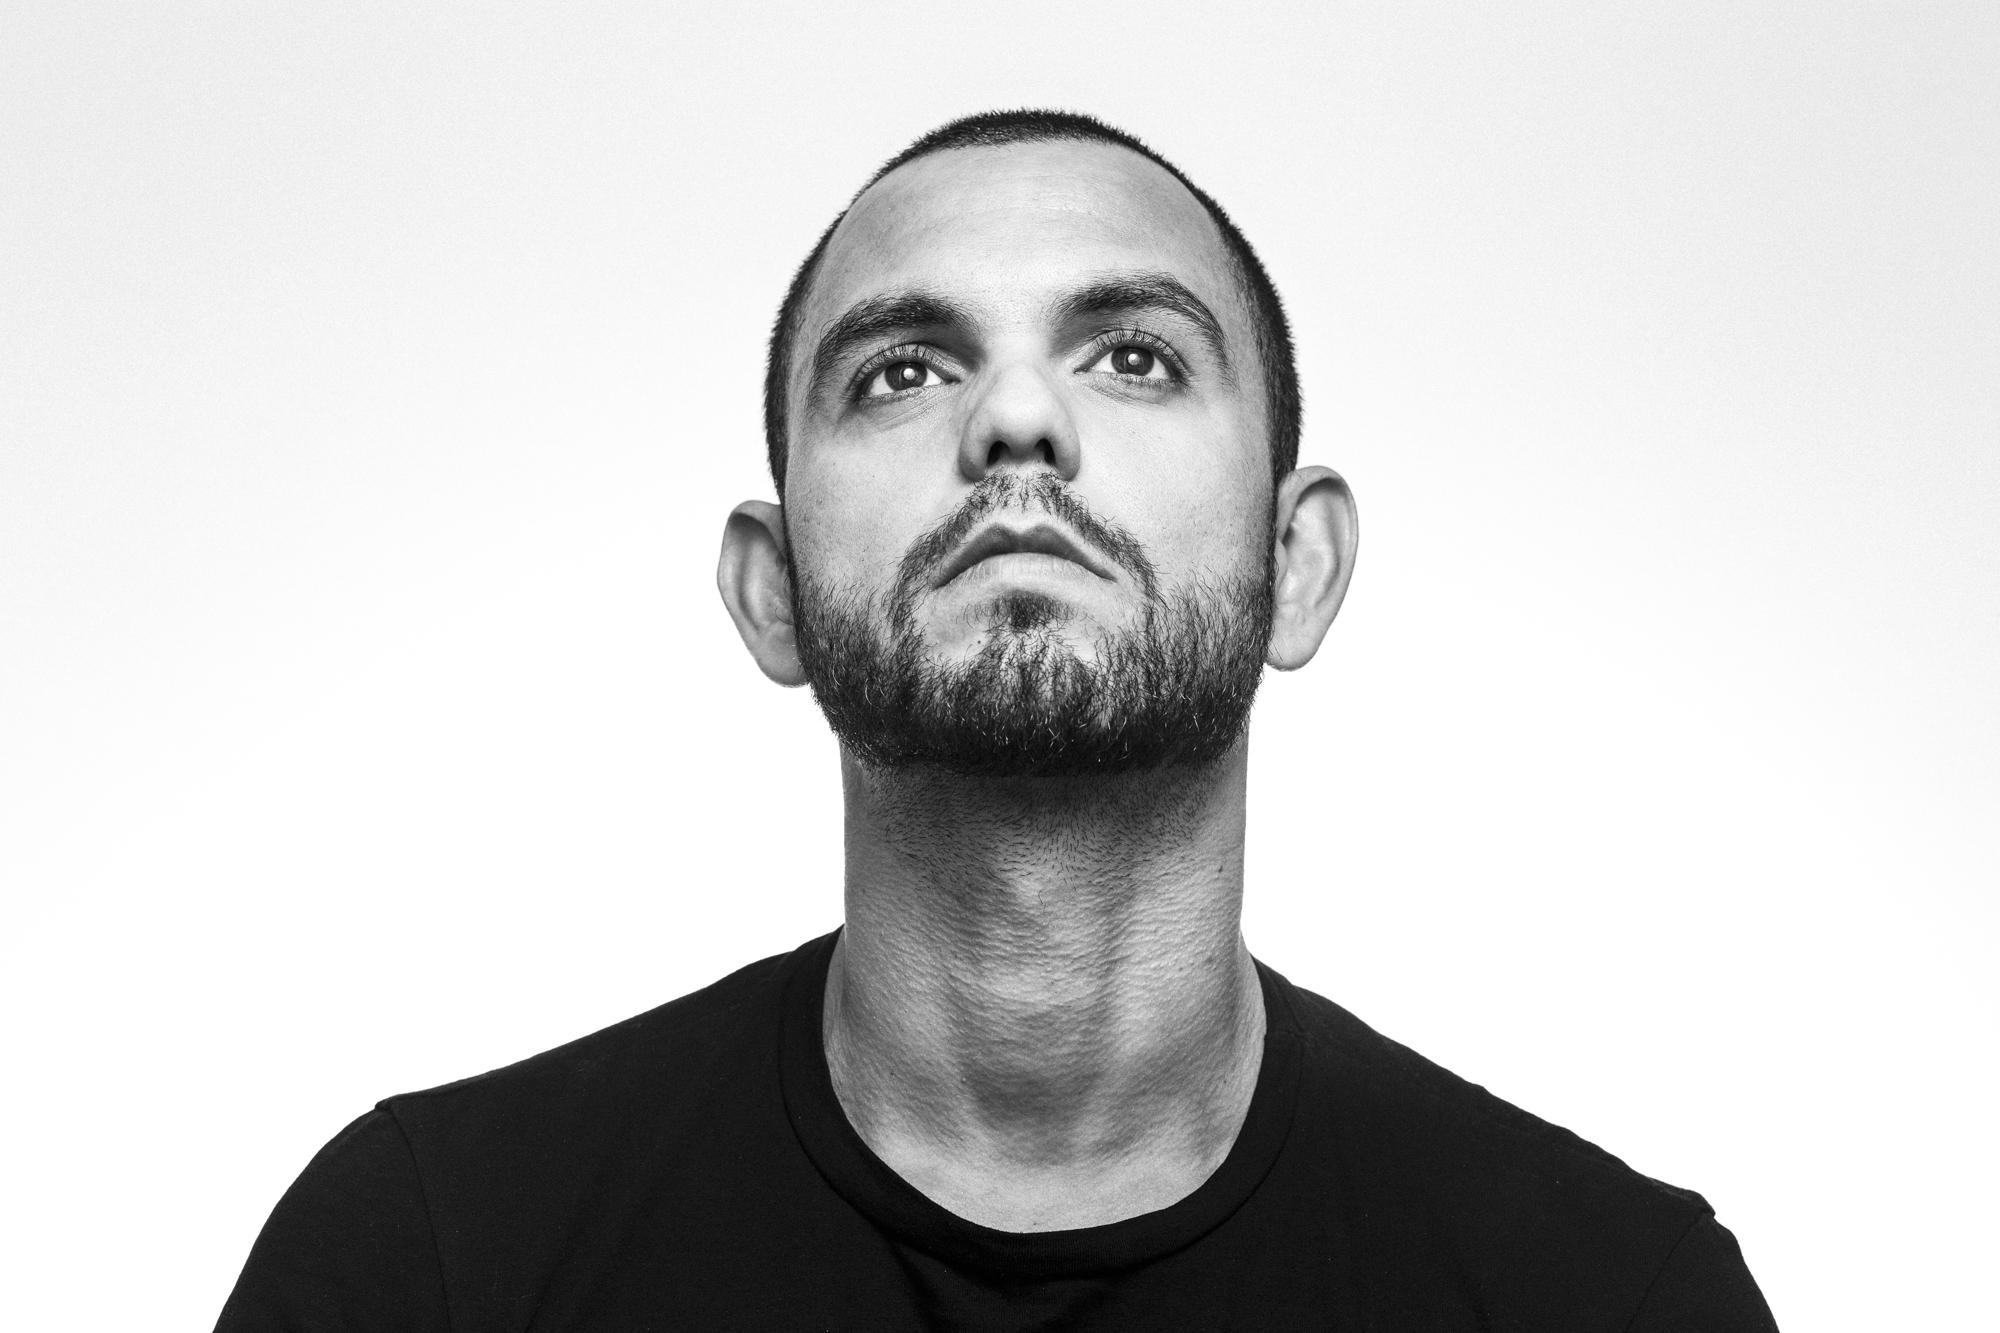 ZEBEN - Pablo Durango, Fotógrafo